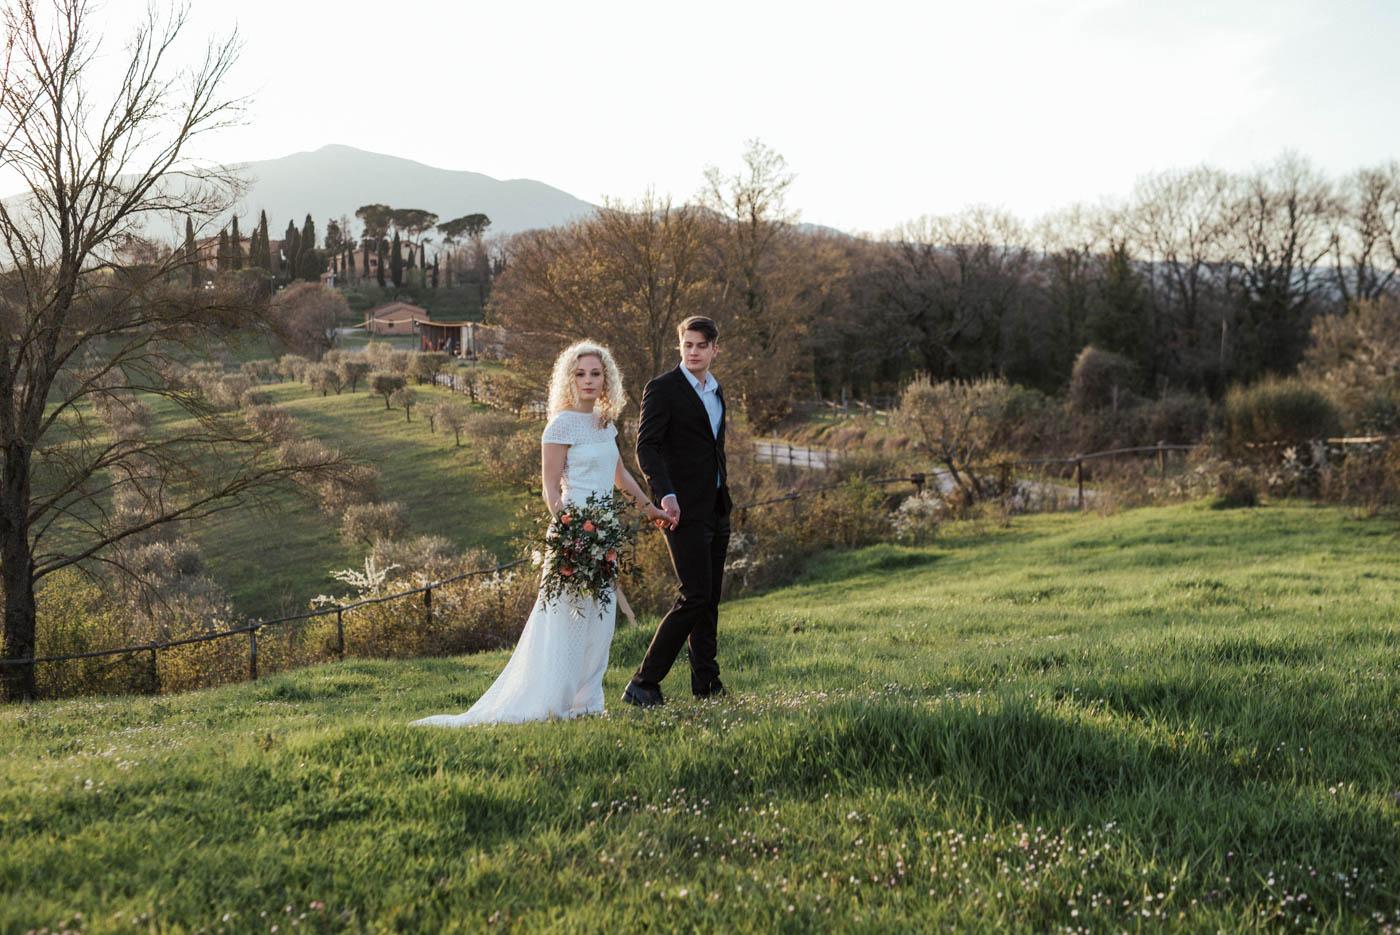 stilvolle Hochzeitsbilder 11i-photography 01